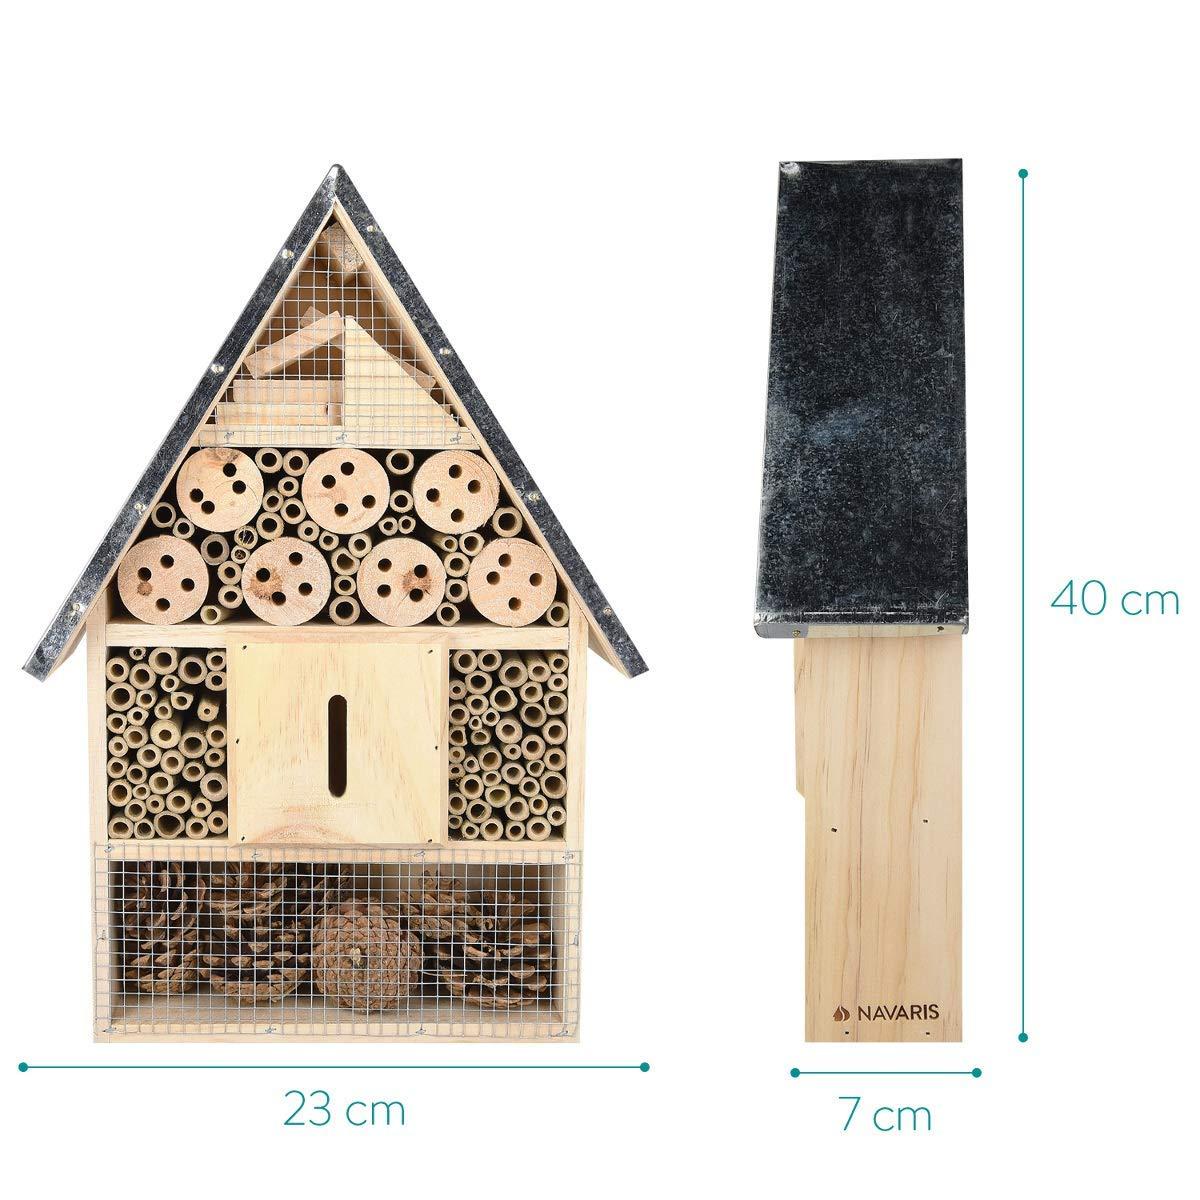 Dimensiones hotel de Insectos